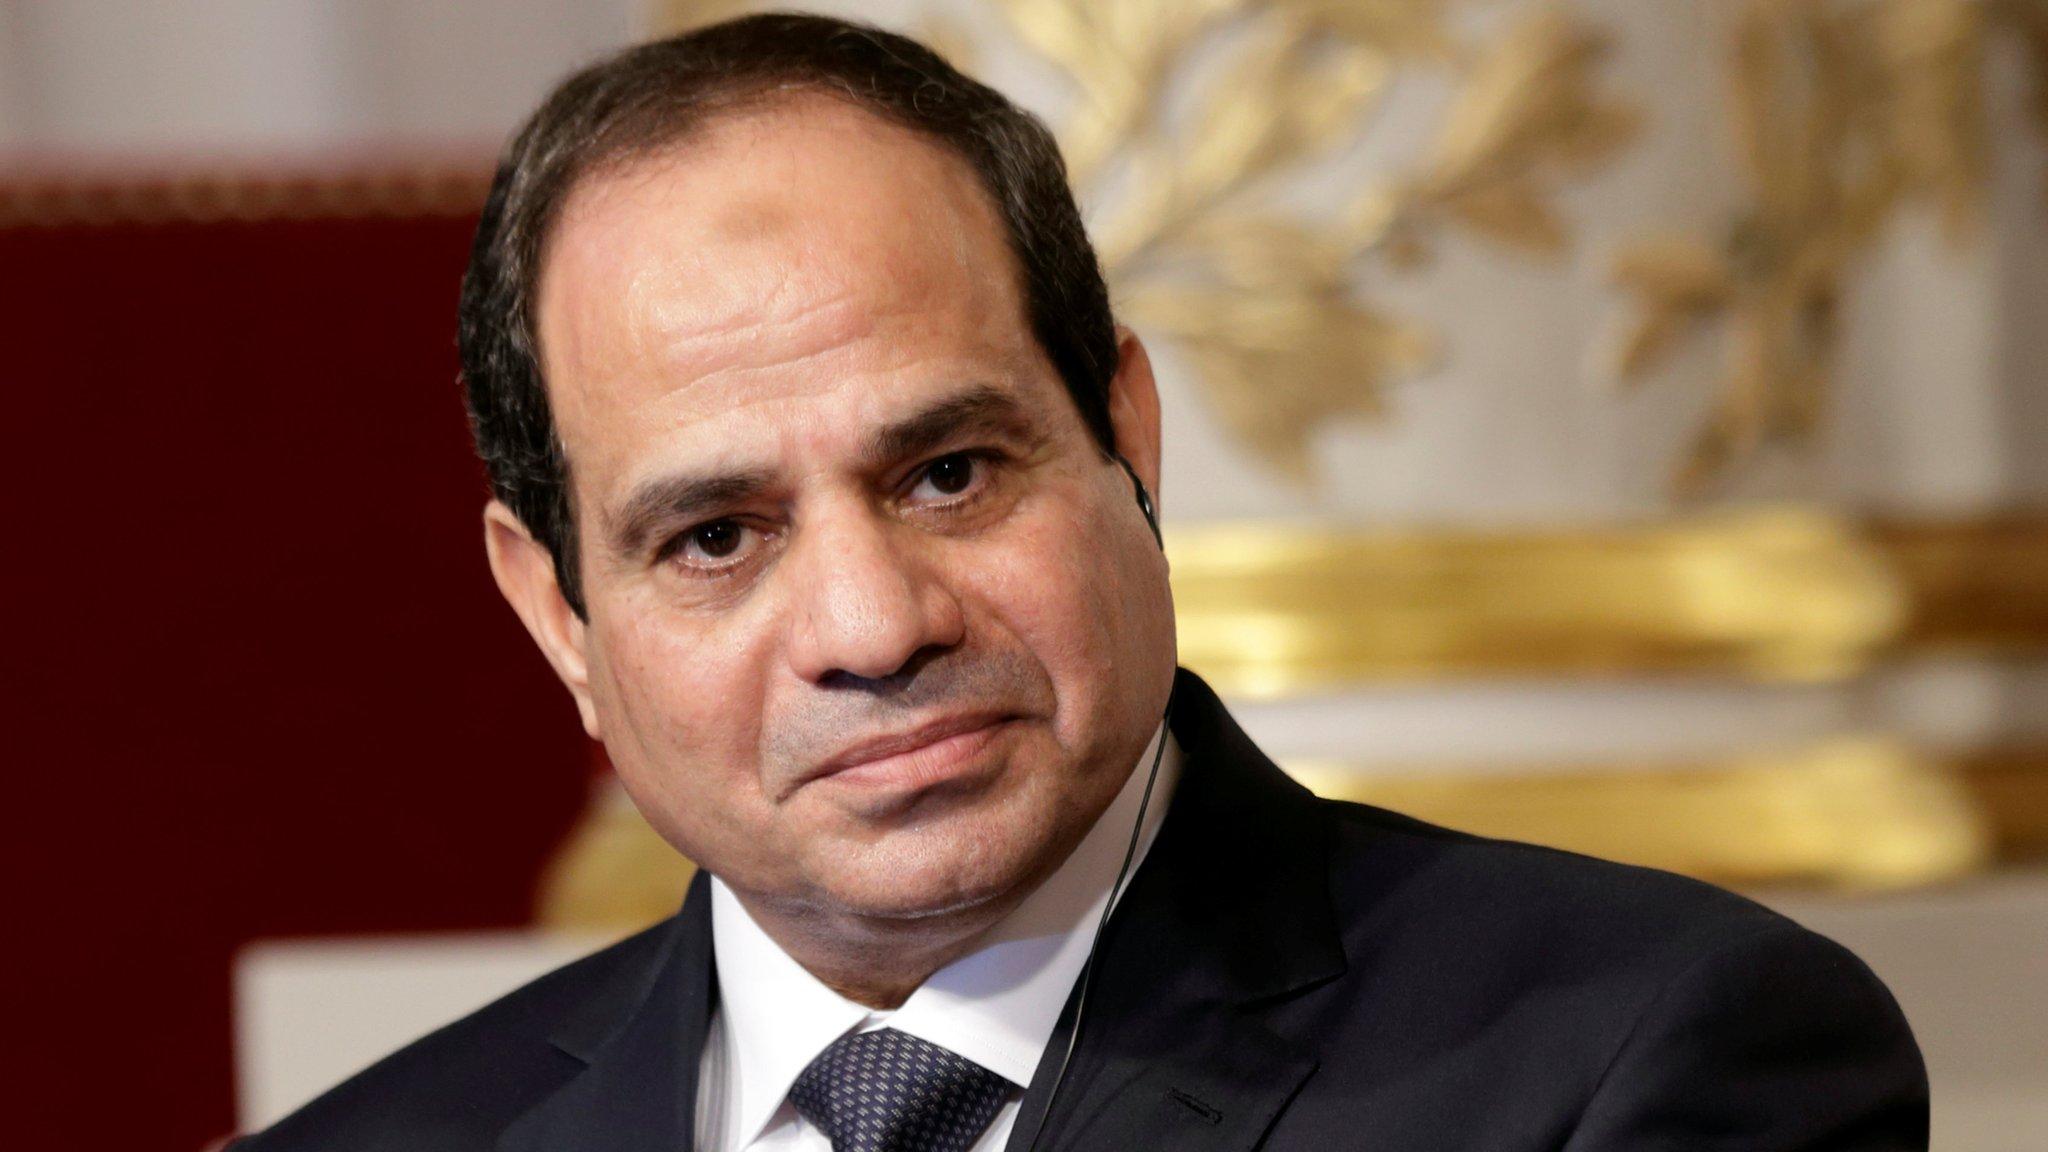 السيسي يحذر من المساس بحصة مصر في مياه النيل